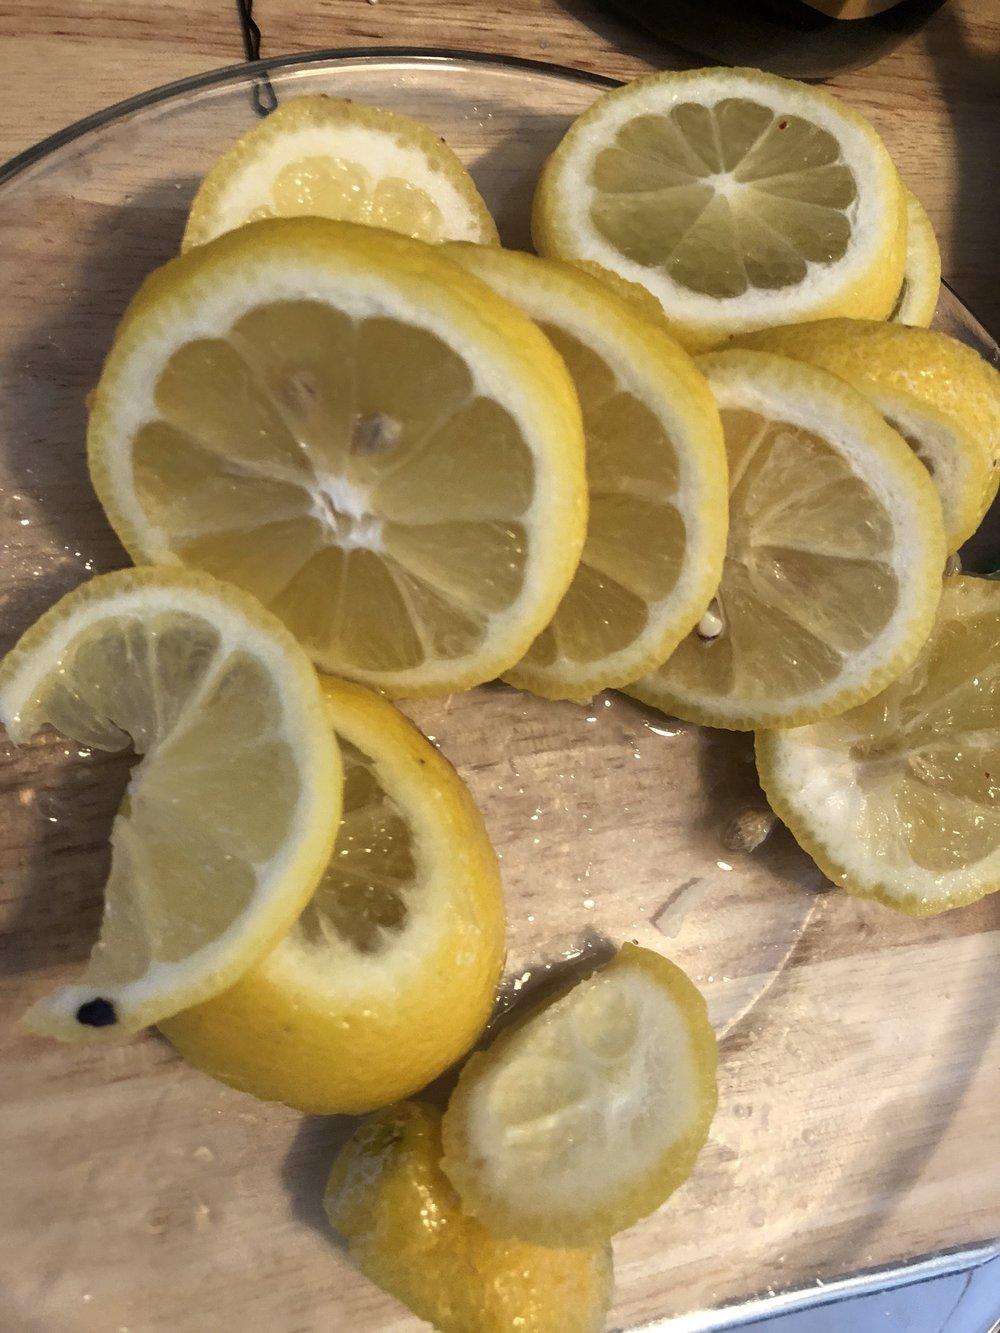 Coin lemon slices